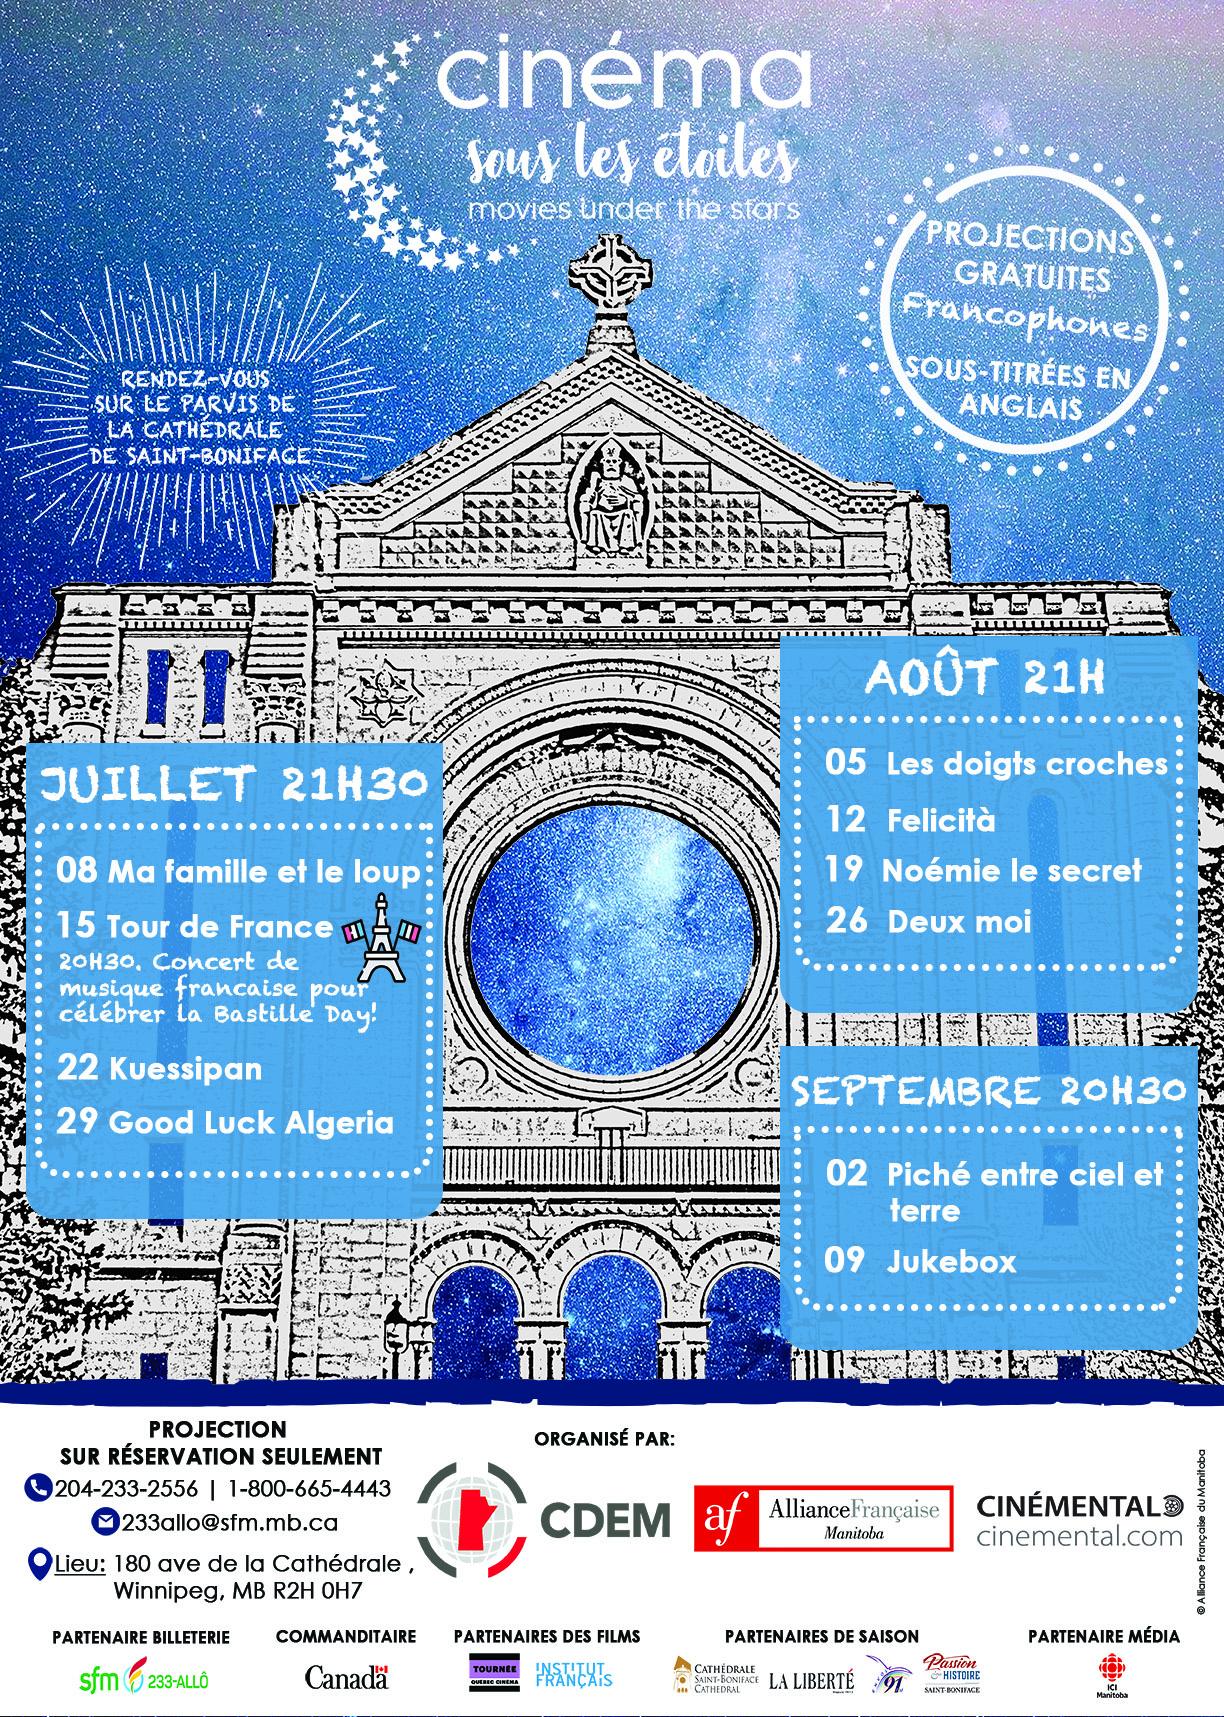 Cinéma sous les étoiles CDEM Cathédrale de Saint-Boniface